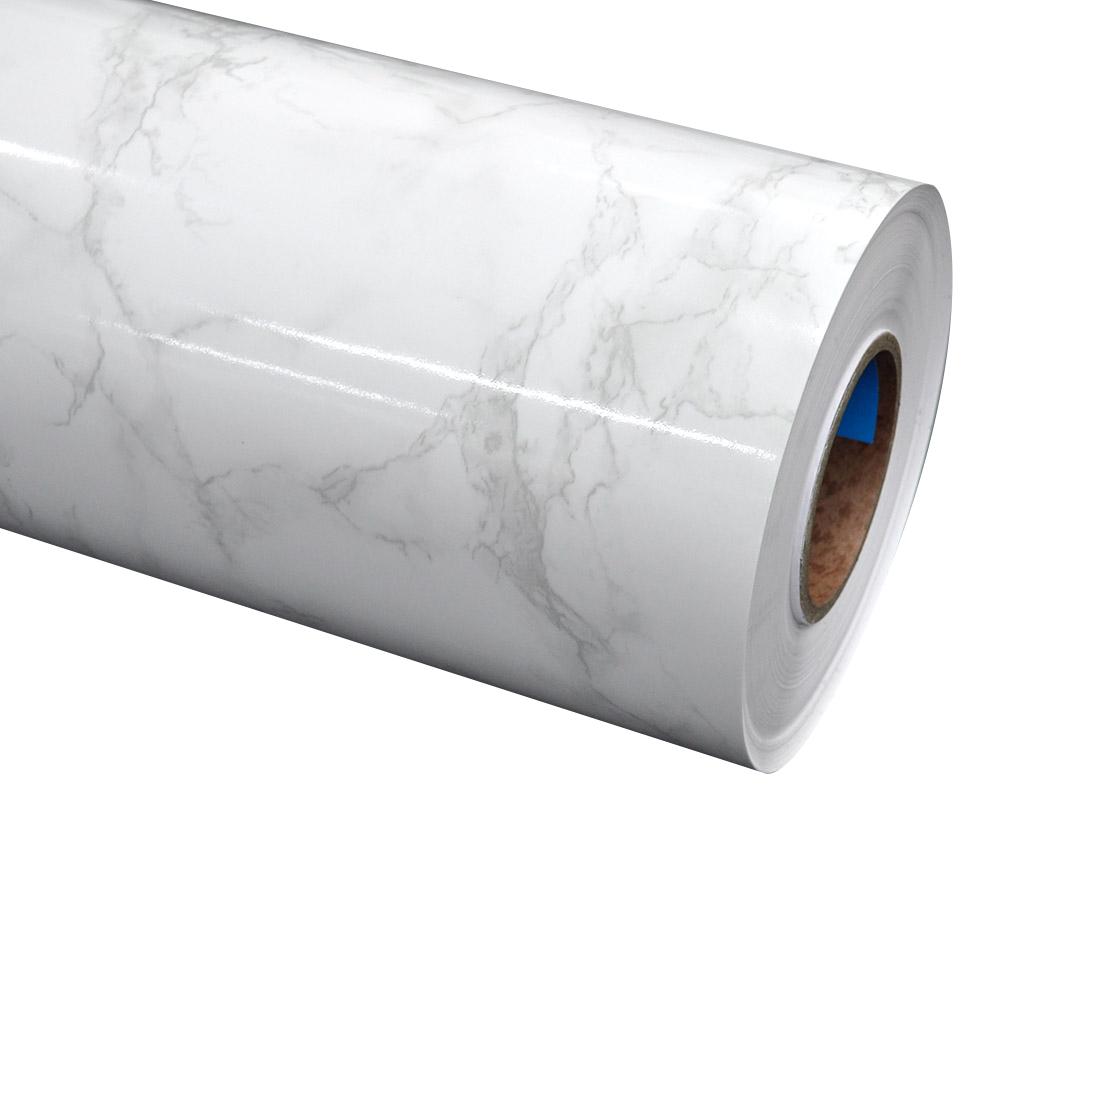 [인테리어 필름 시트지] 현대시트 인테리어필름 시트지, 마블대리석 다크화이트 유광(GEH150) - 랭킹1위 (84780원)